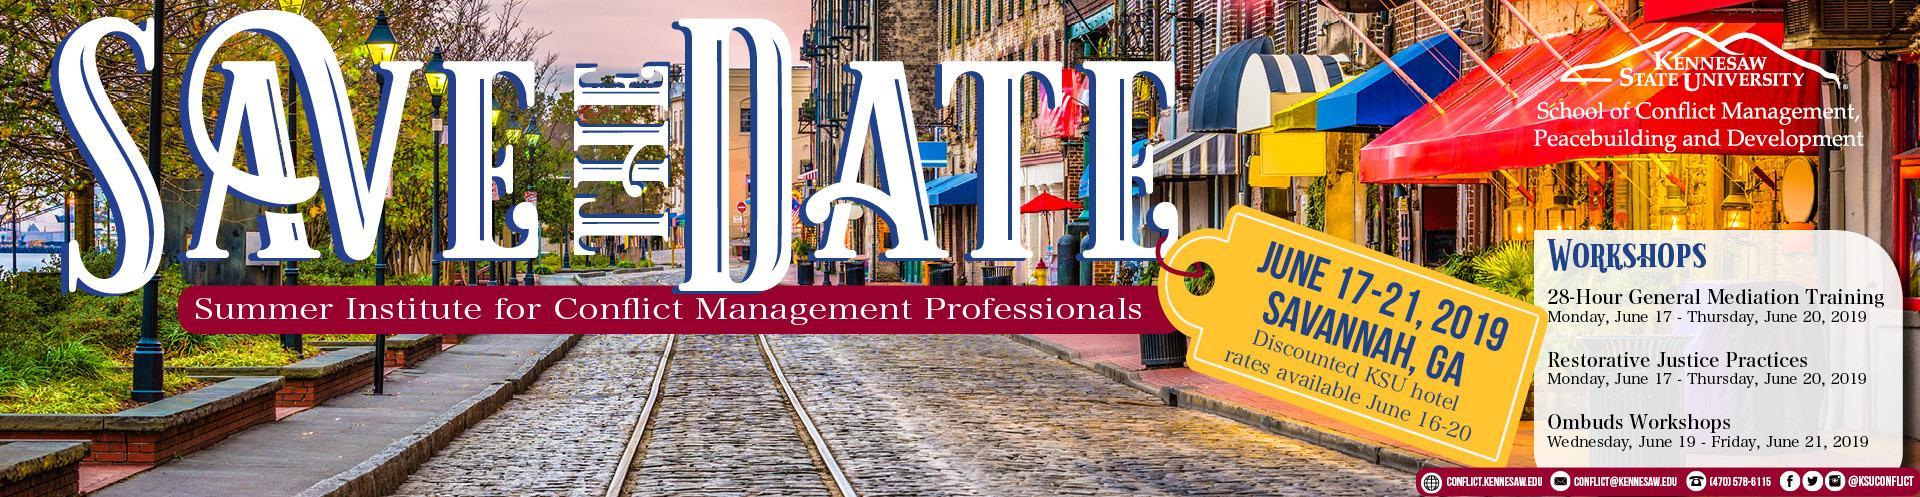 Summer Institute for Conflict Management Professionals